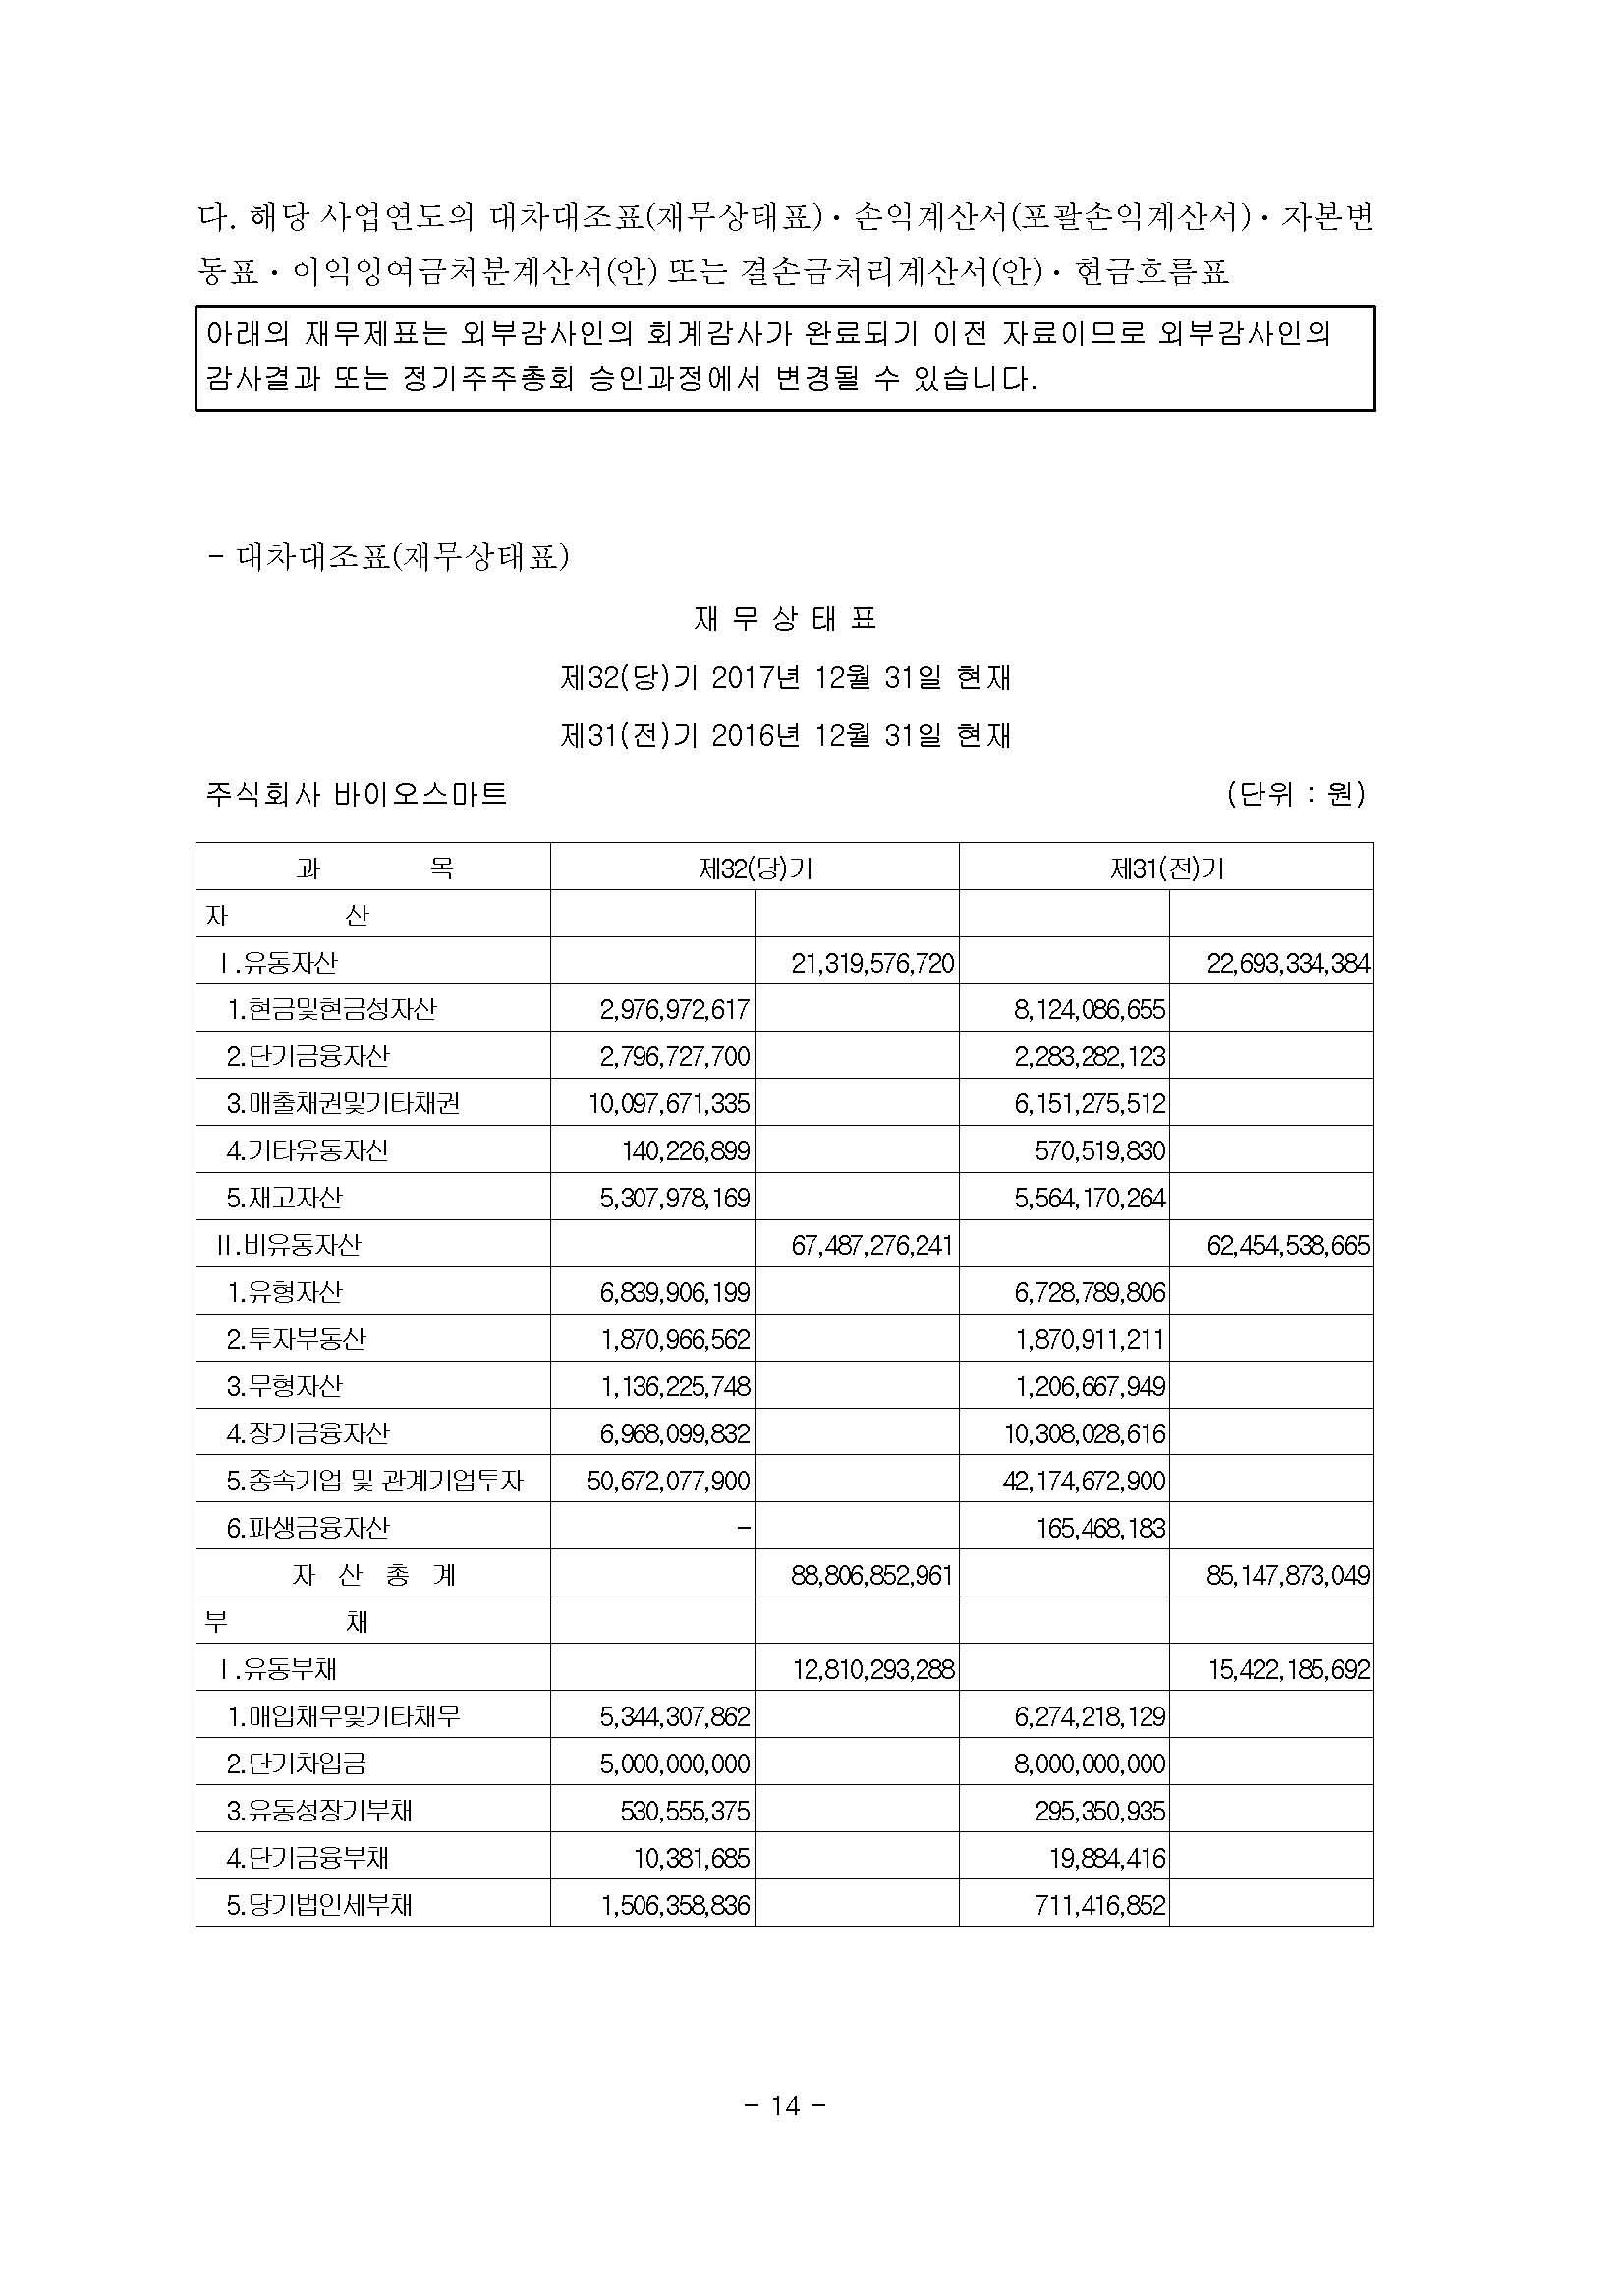 20180309 주주총회소집공고-바이오스마트_페이지_15.jpg